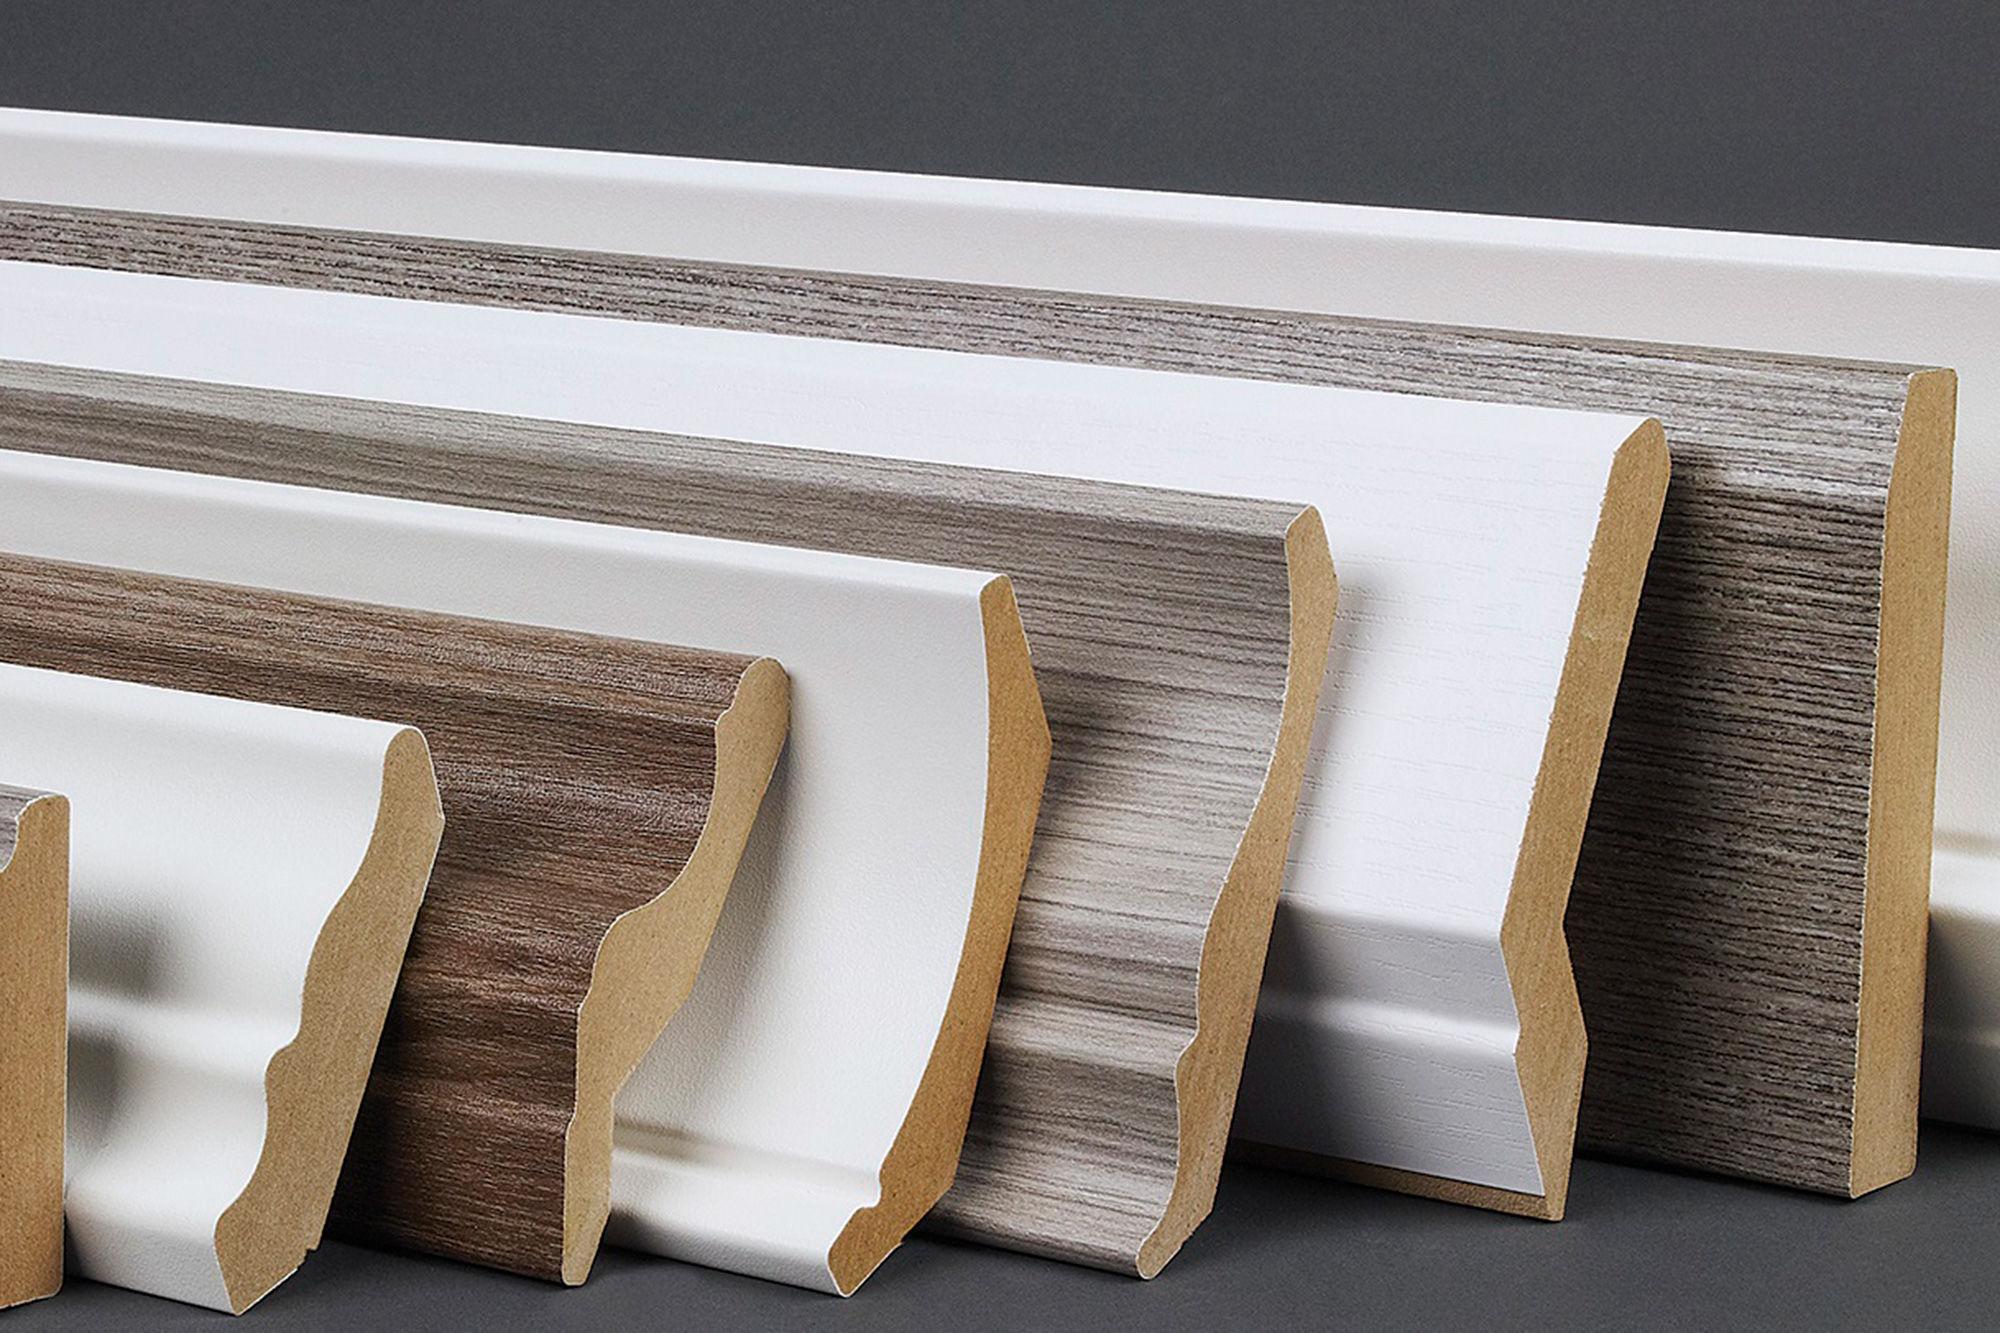 Nội thất gỗ công nghiệp mang nhiều ưu điểm tuyệt vời